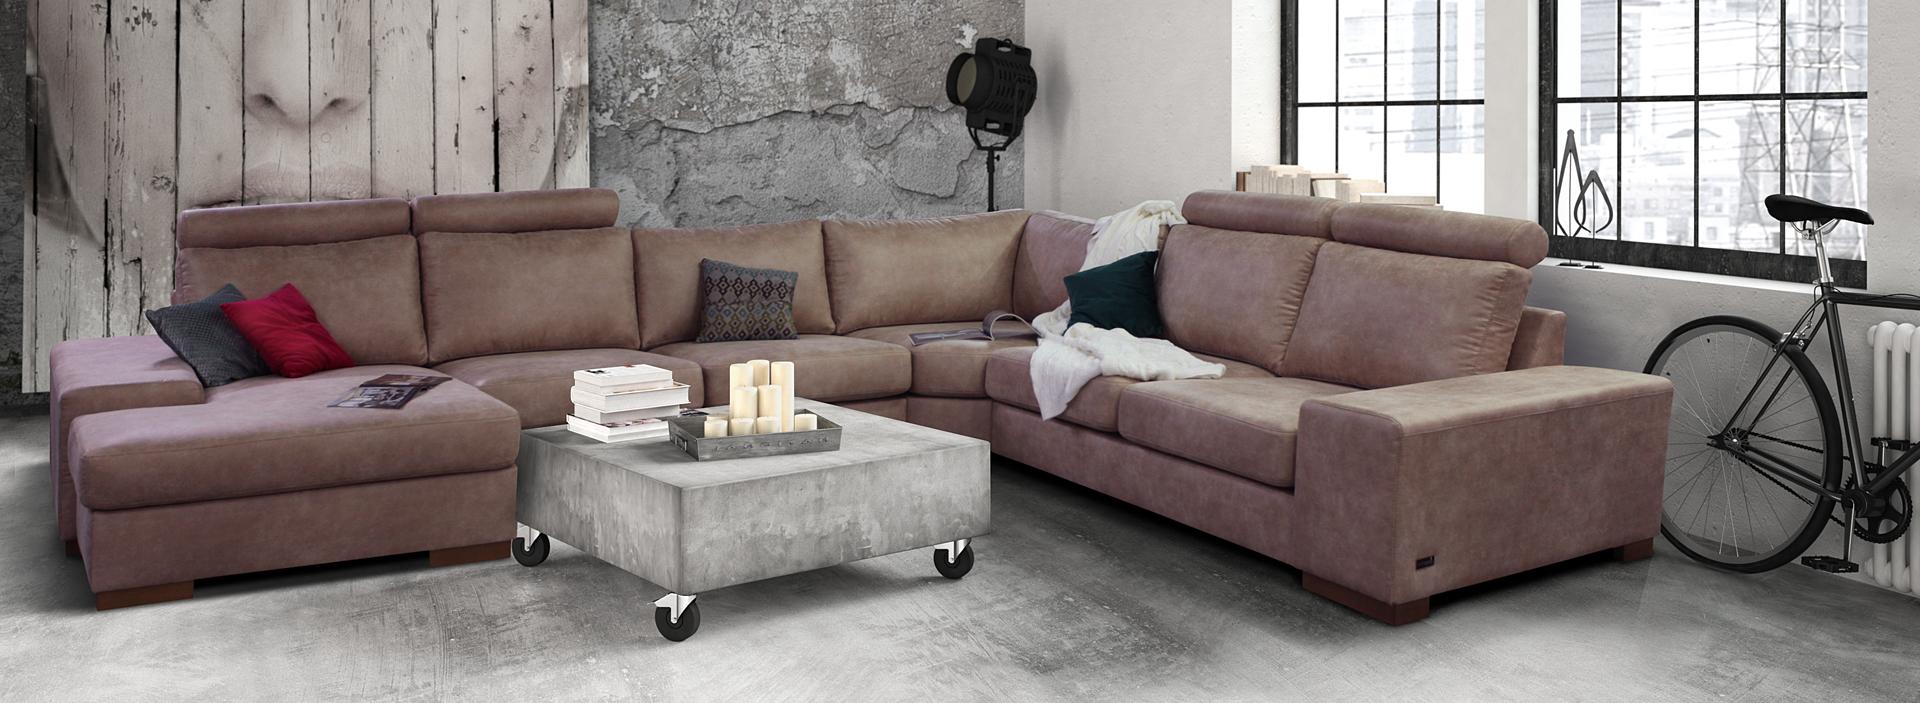 Модульный диван в гостиной лофт